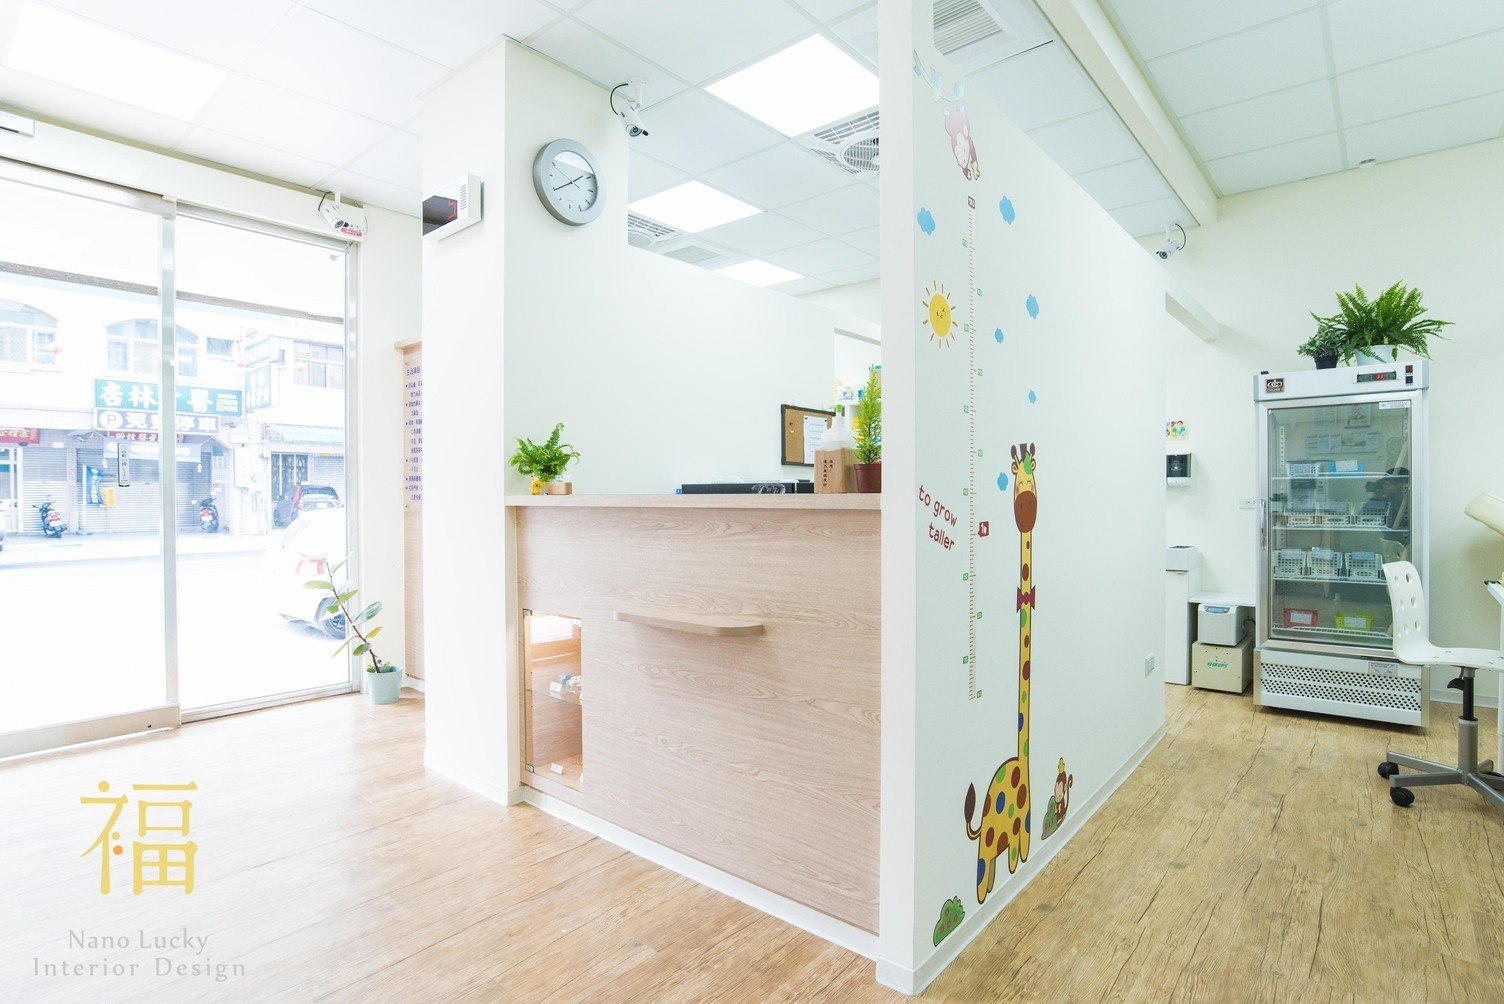 Nanolucky小福砌空間設計-大心診所-商空設計-診所空間規劃設計